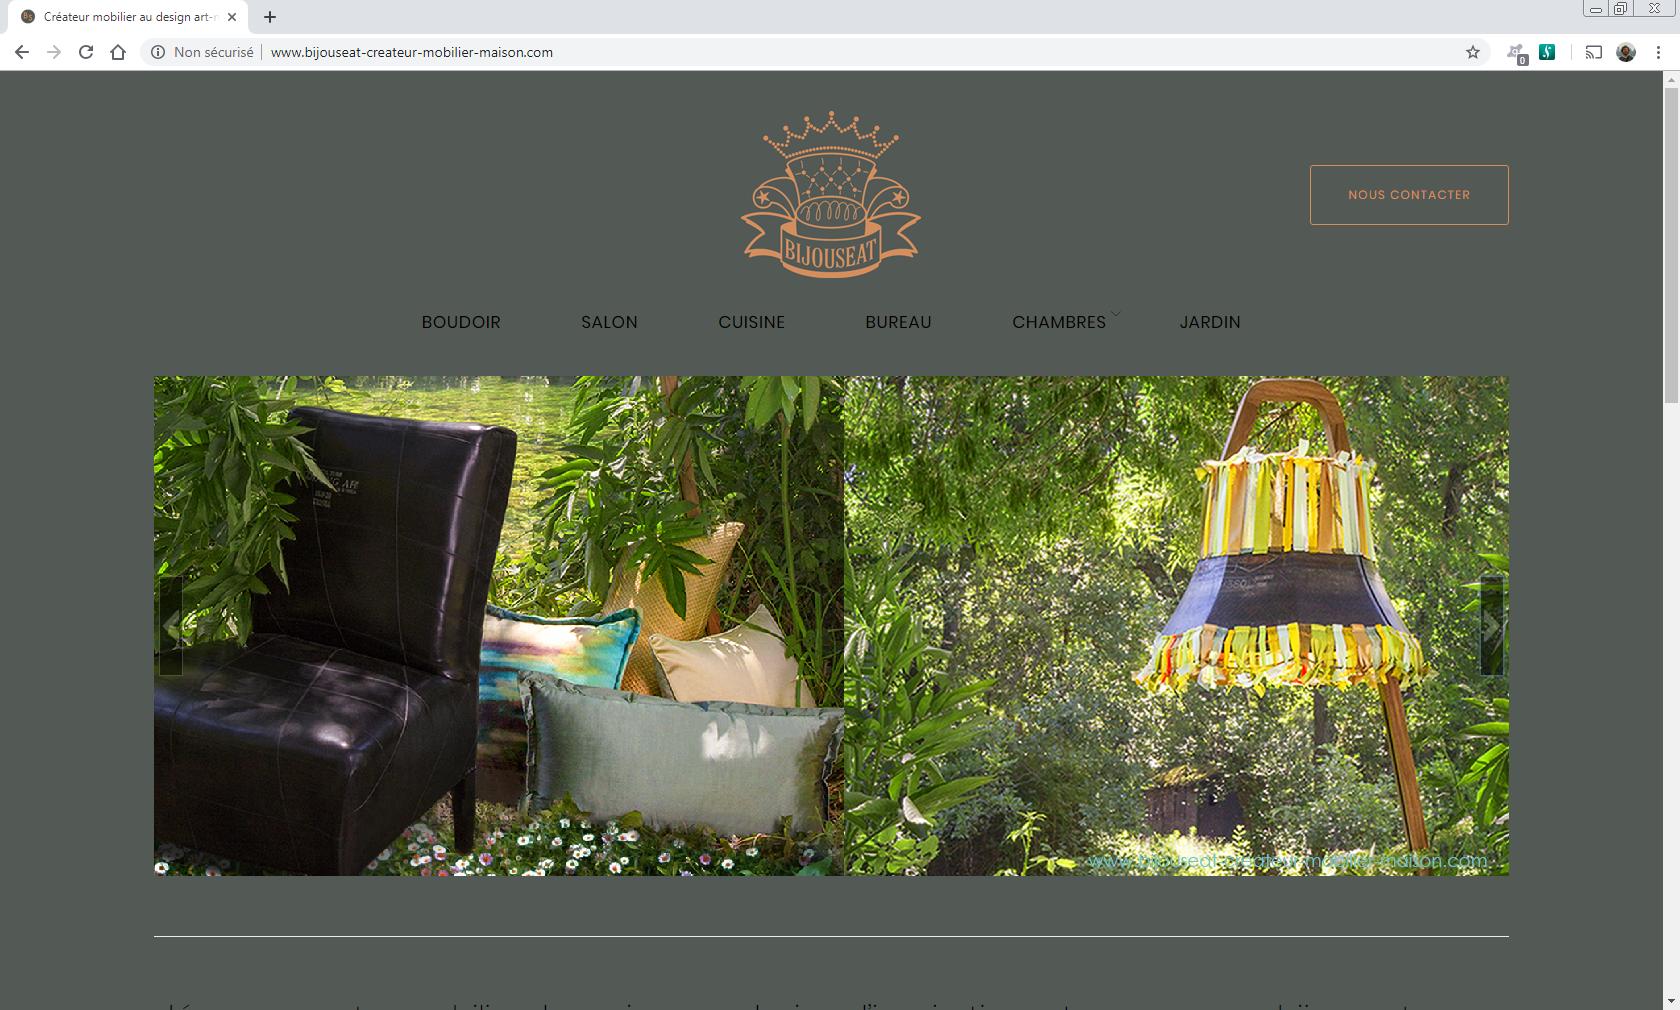 www.bijouseat-createur-mobilier-maison.com Web et Informatique en luberon - Site internet et referenecment - cedric de miscault - apt à cavaillon